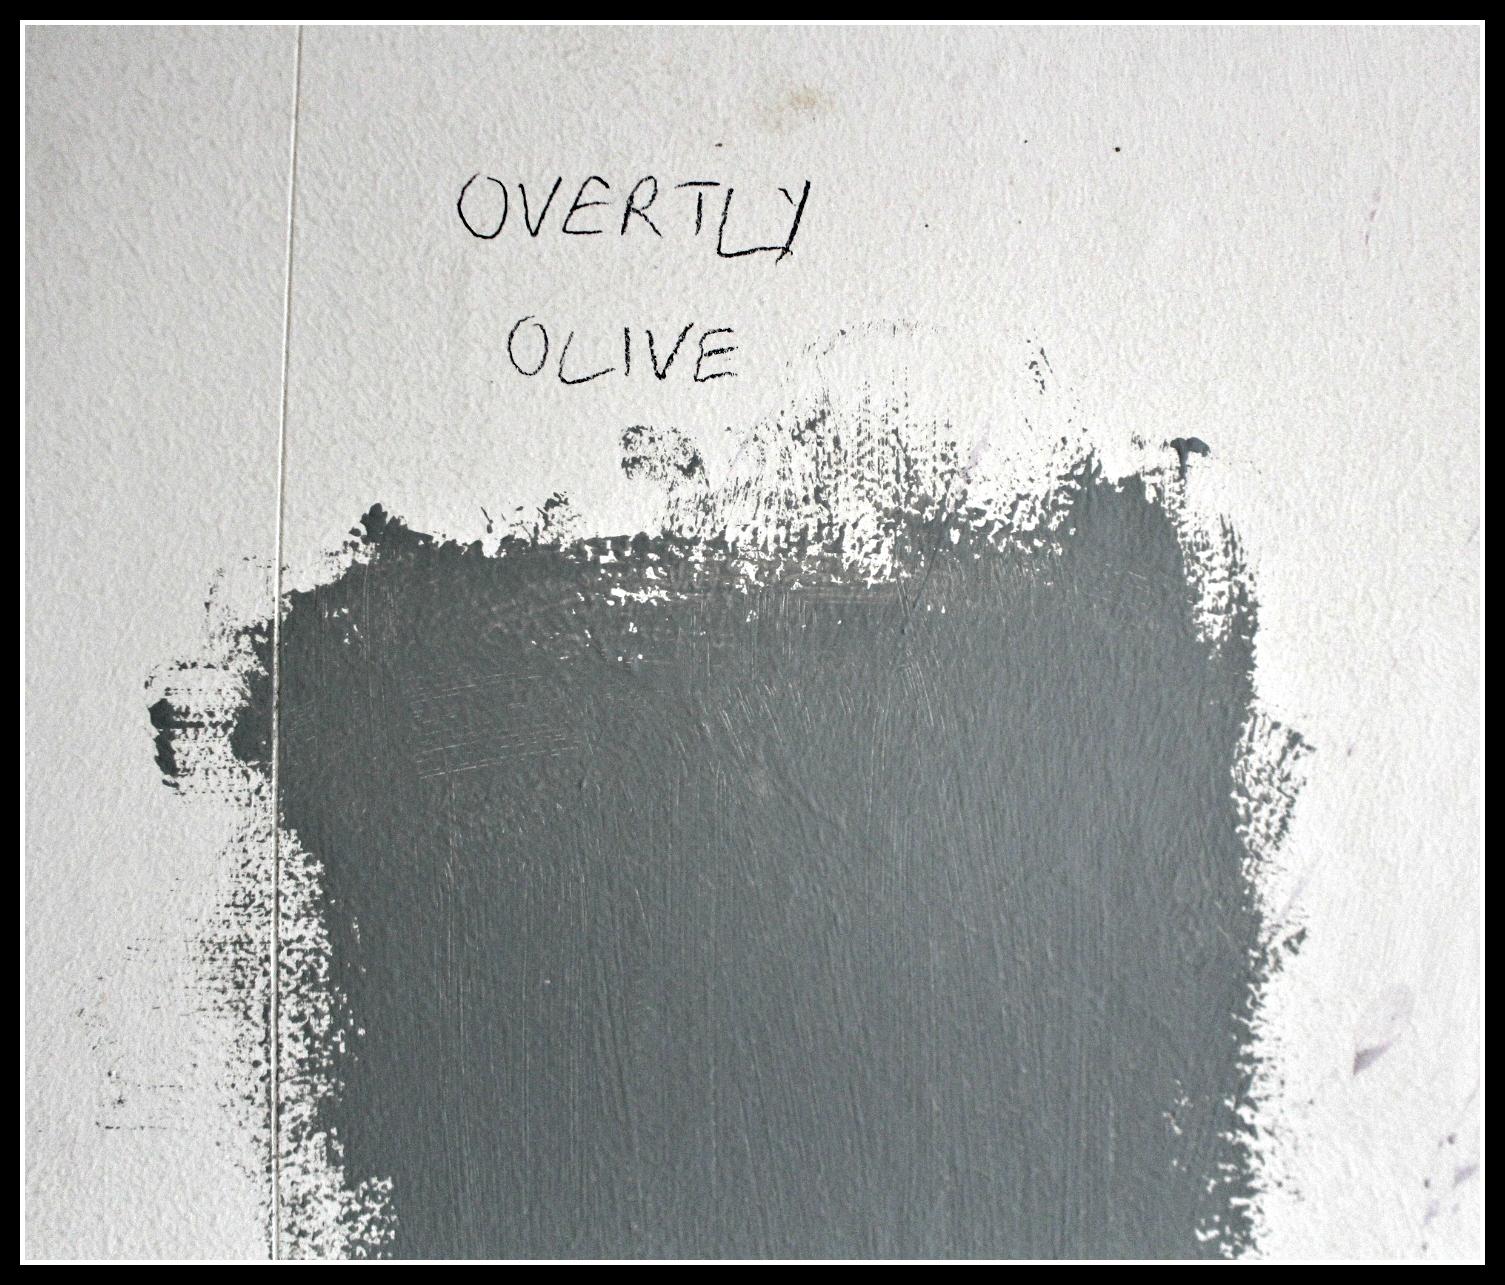 Dulux, kitchen paint, DIY, hhome improvement, kitchen, open plan, construction project